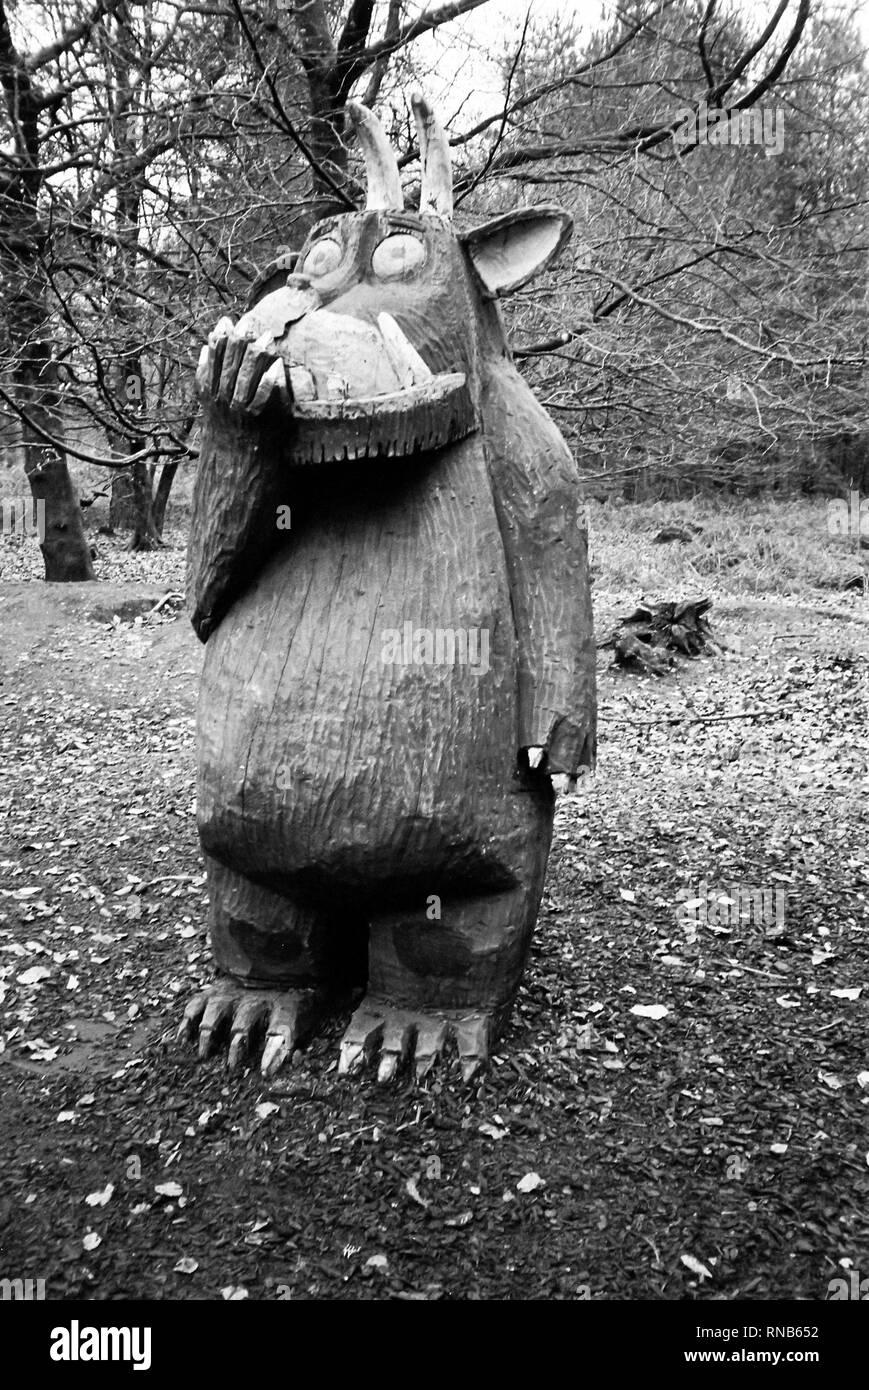 High lodge, thetford forest, suffolk. Gruffalo Trail Alice Holt Forest Farnham Surrey England United Kingdom Stock Photo Alamy